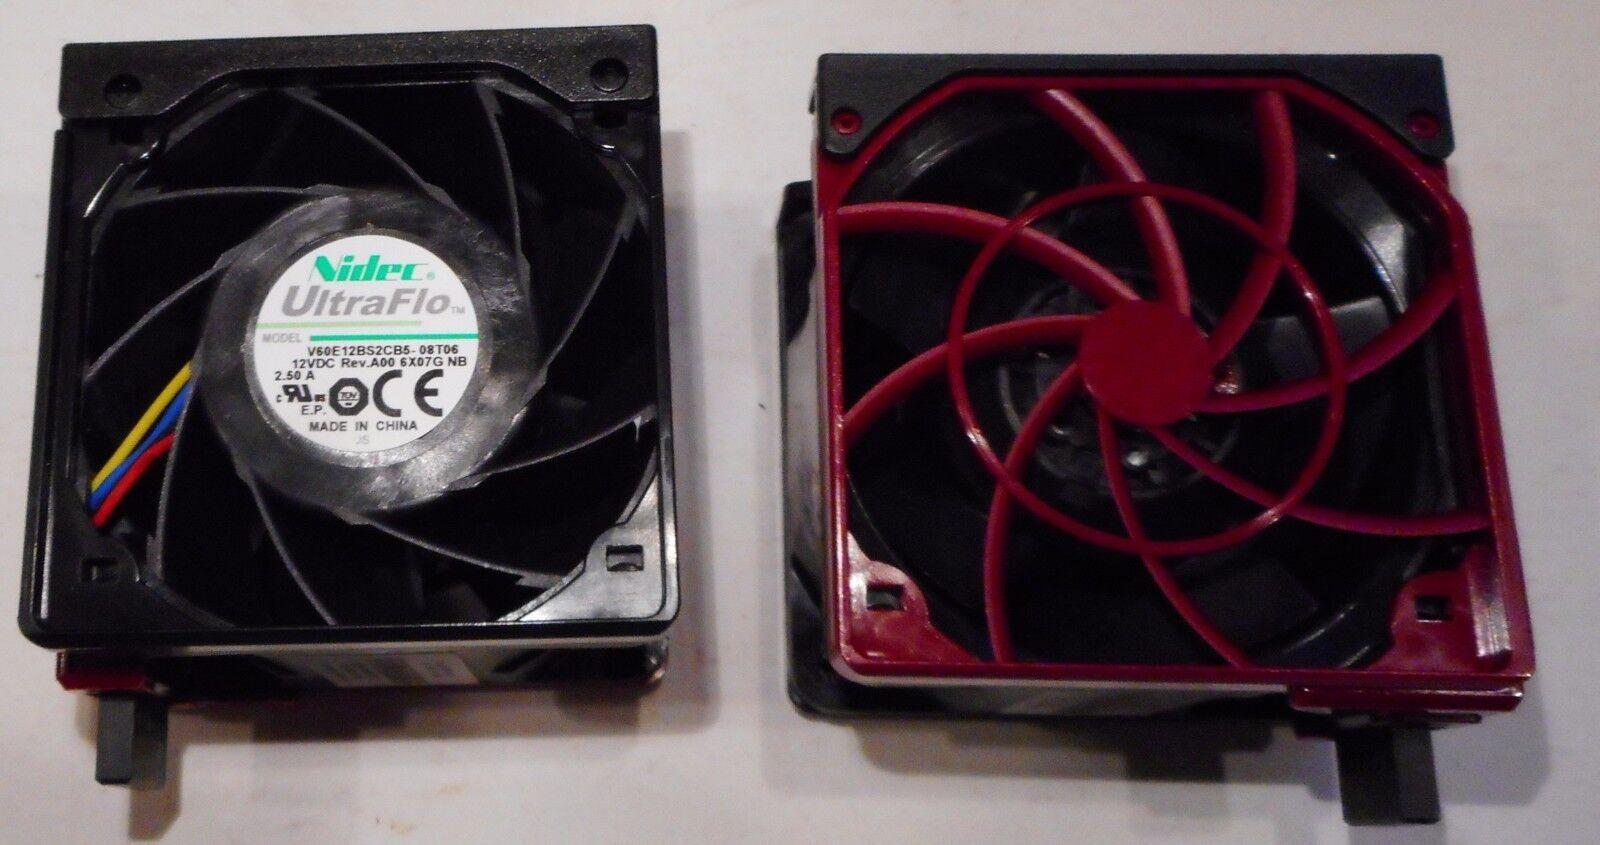 LOT OF 10 NIDEC ULTRA FLO COOLING FANS V60E 12BS2CB5 12 VDC H P/N 747597-001